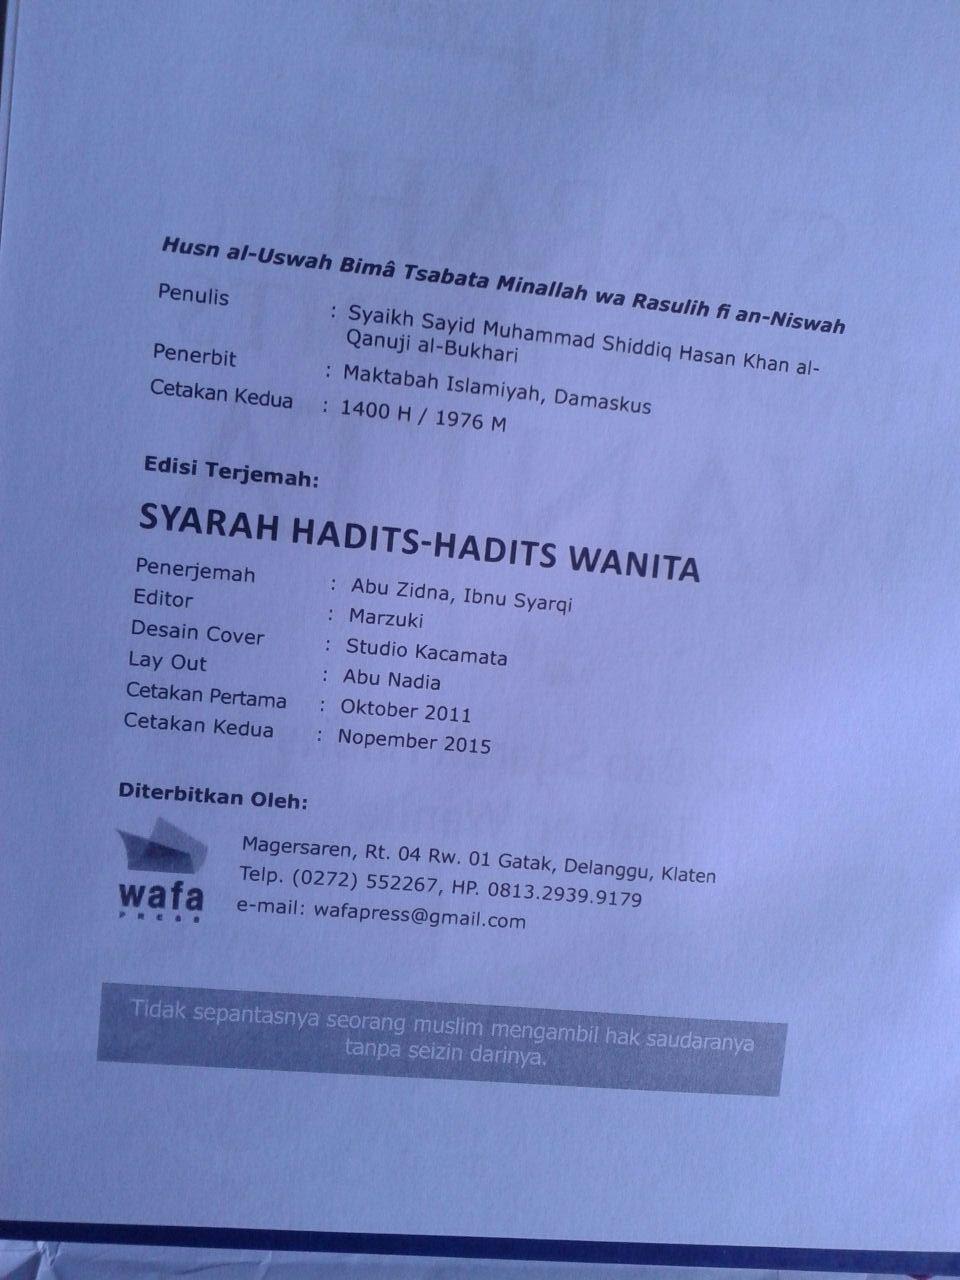 Buku Husnul Uswah Syarah Hadits-Hadits Wanita isi 4